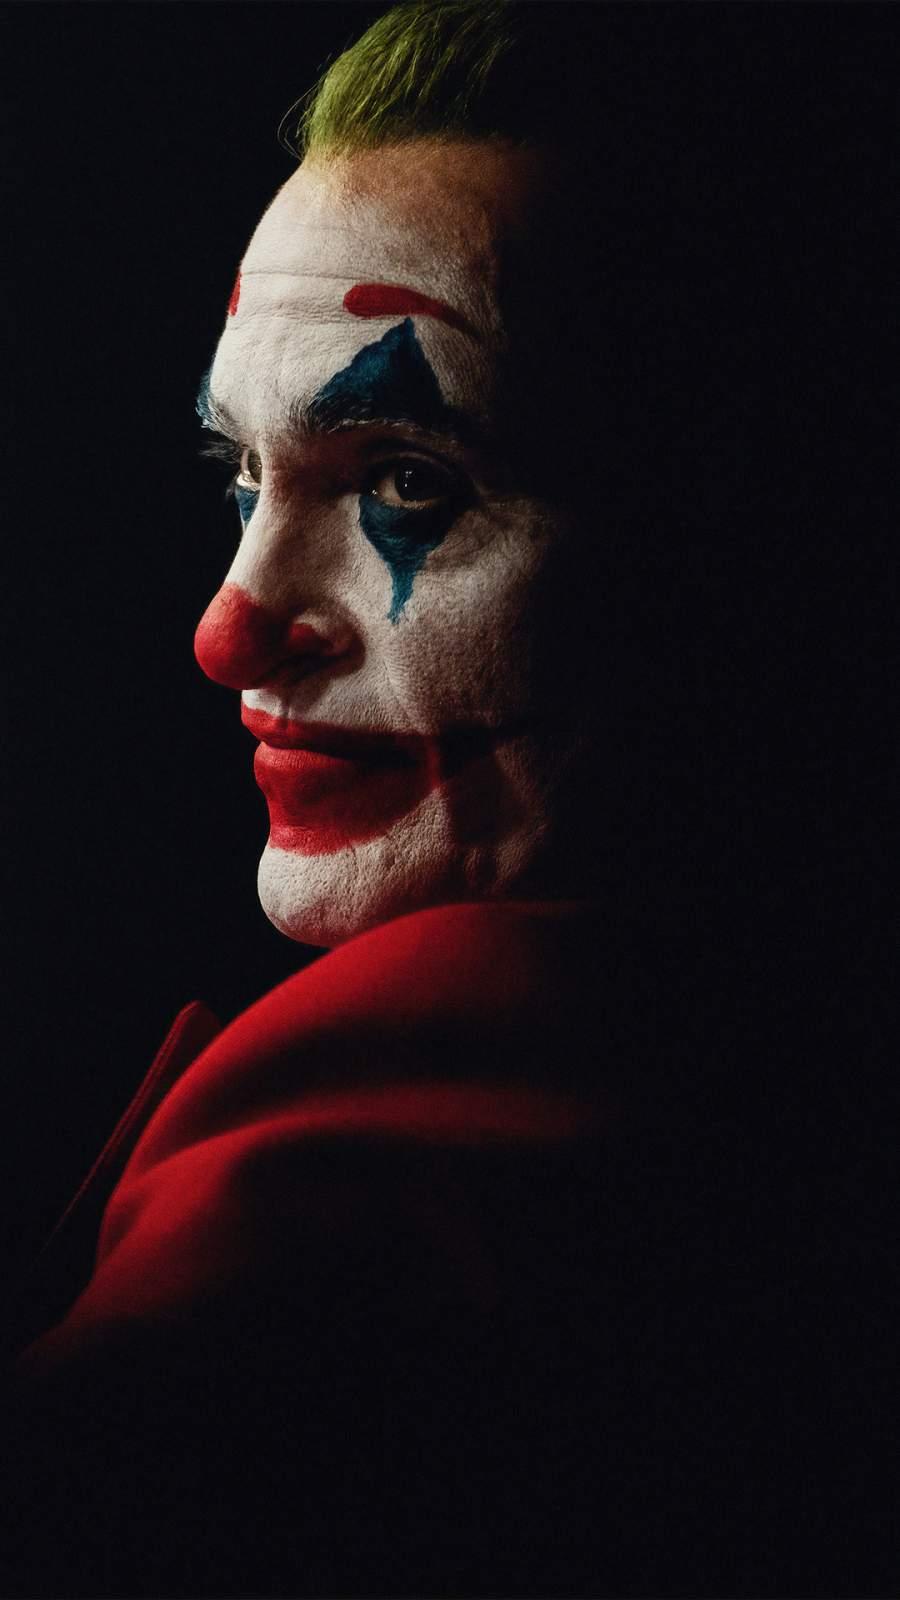 The Joker Joaquin Phoenix Dark iPhone Wallpaper